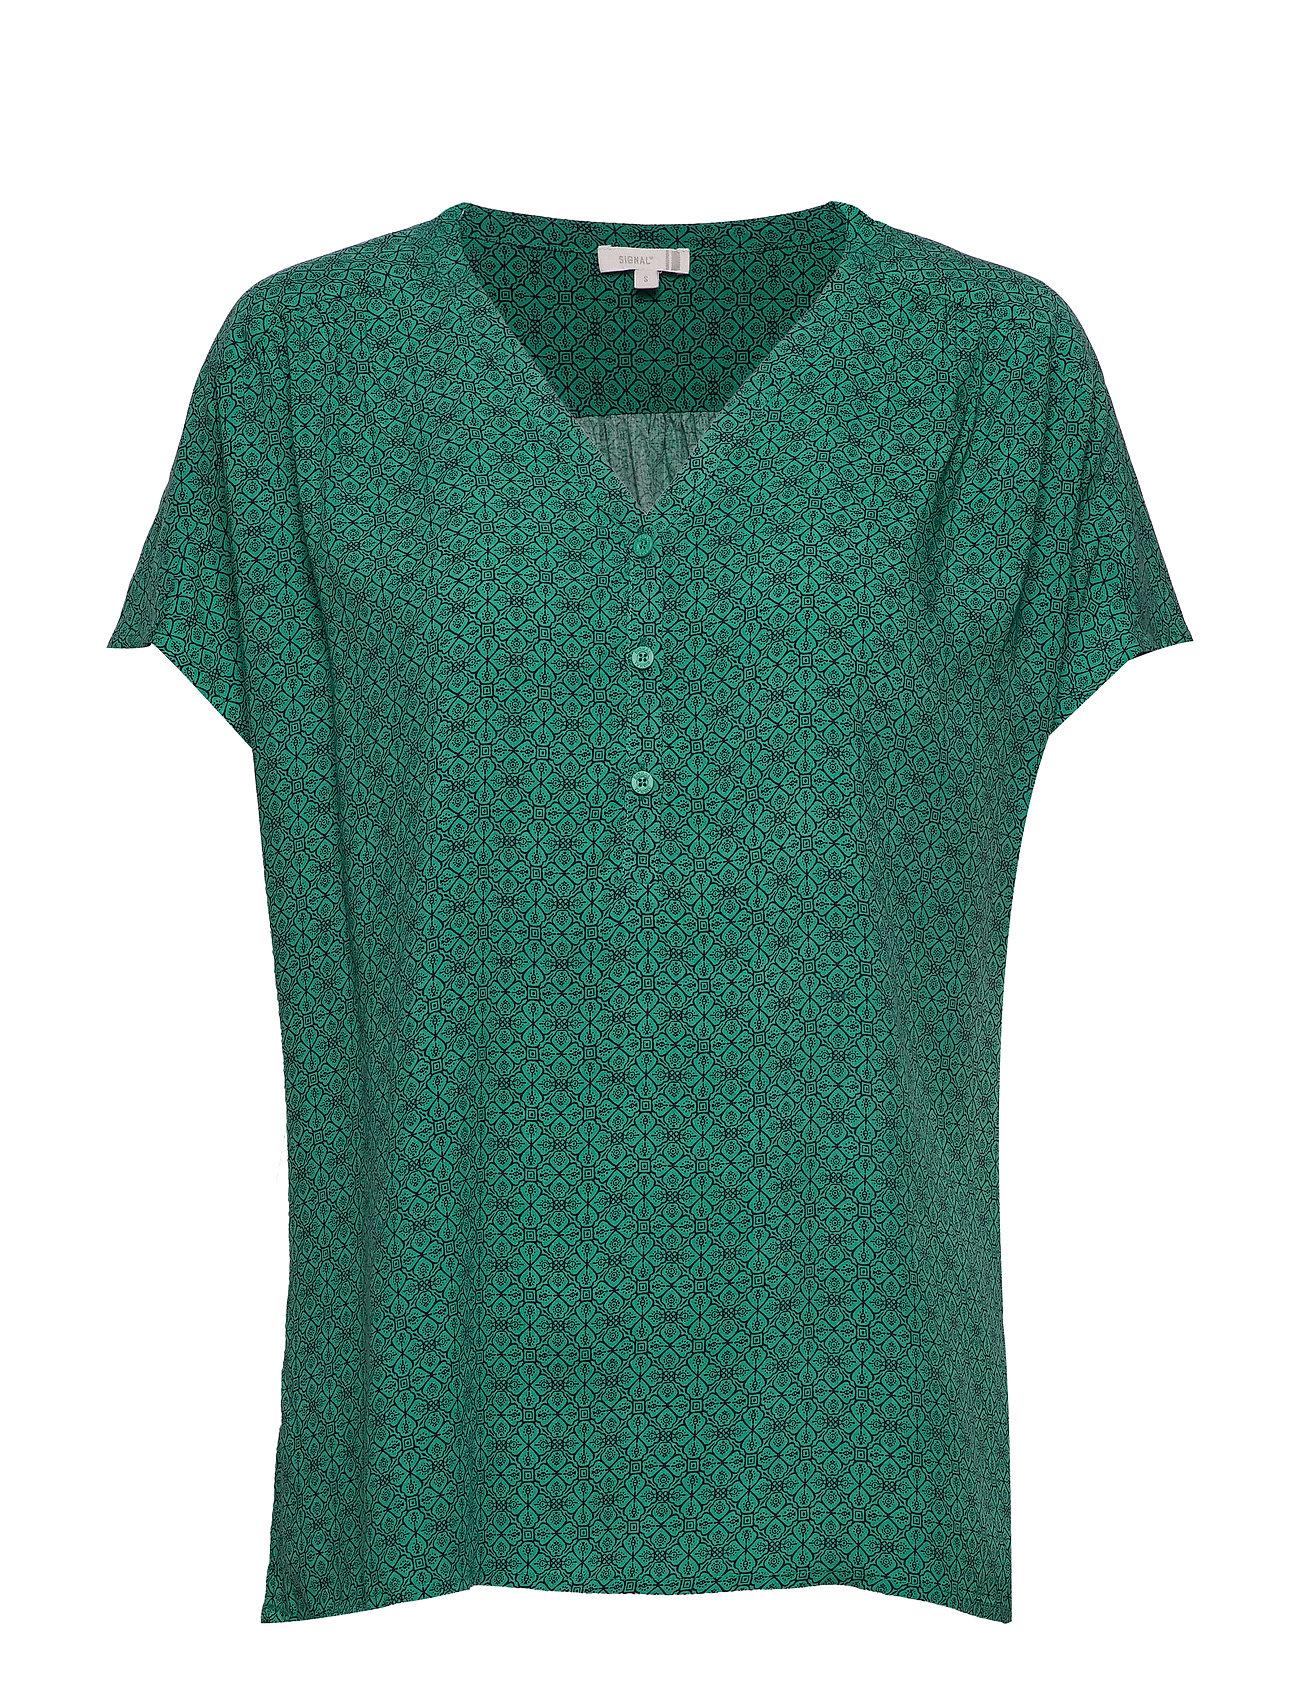 SpruceSignal SpruceSignal Shirtsgreen SpruceSignal SpruceSignal Shirtsgreen Shirtsgreen Shirtsgreen Y6gf7vyb